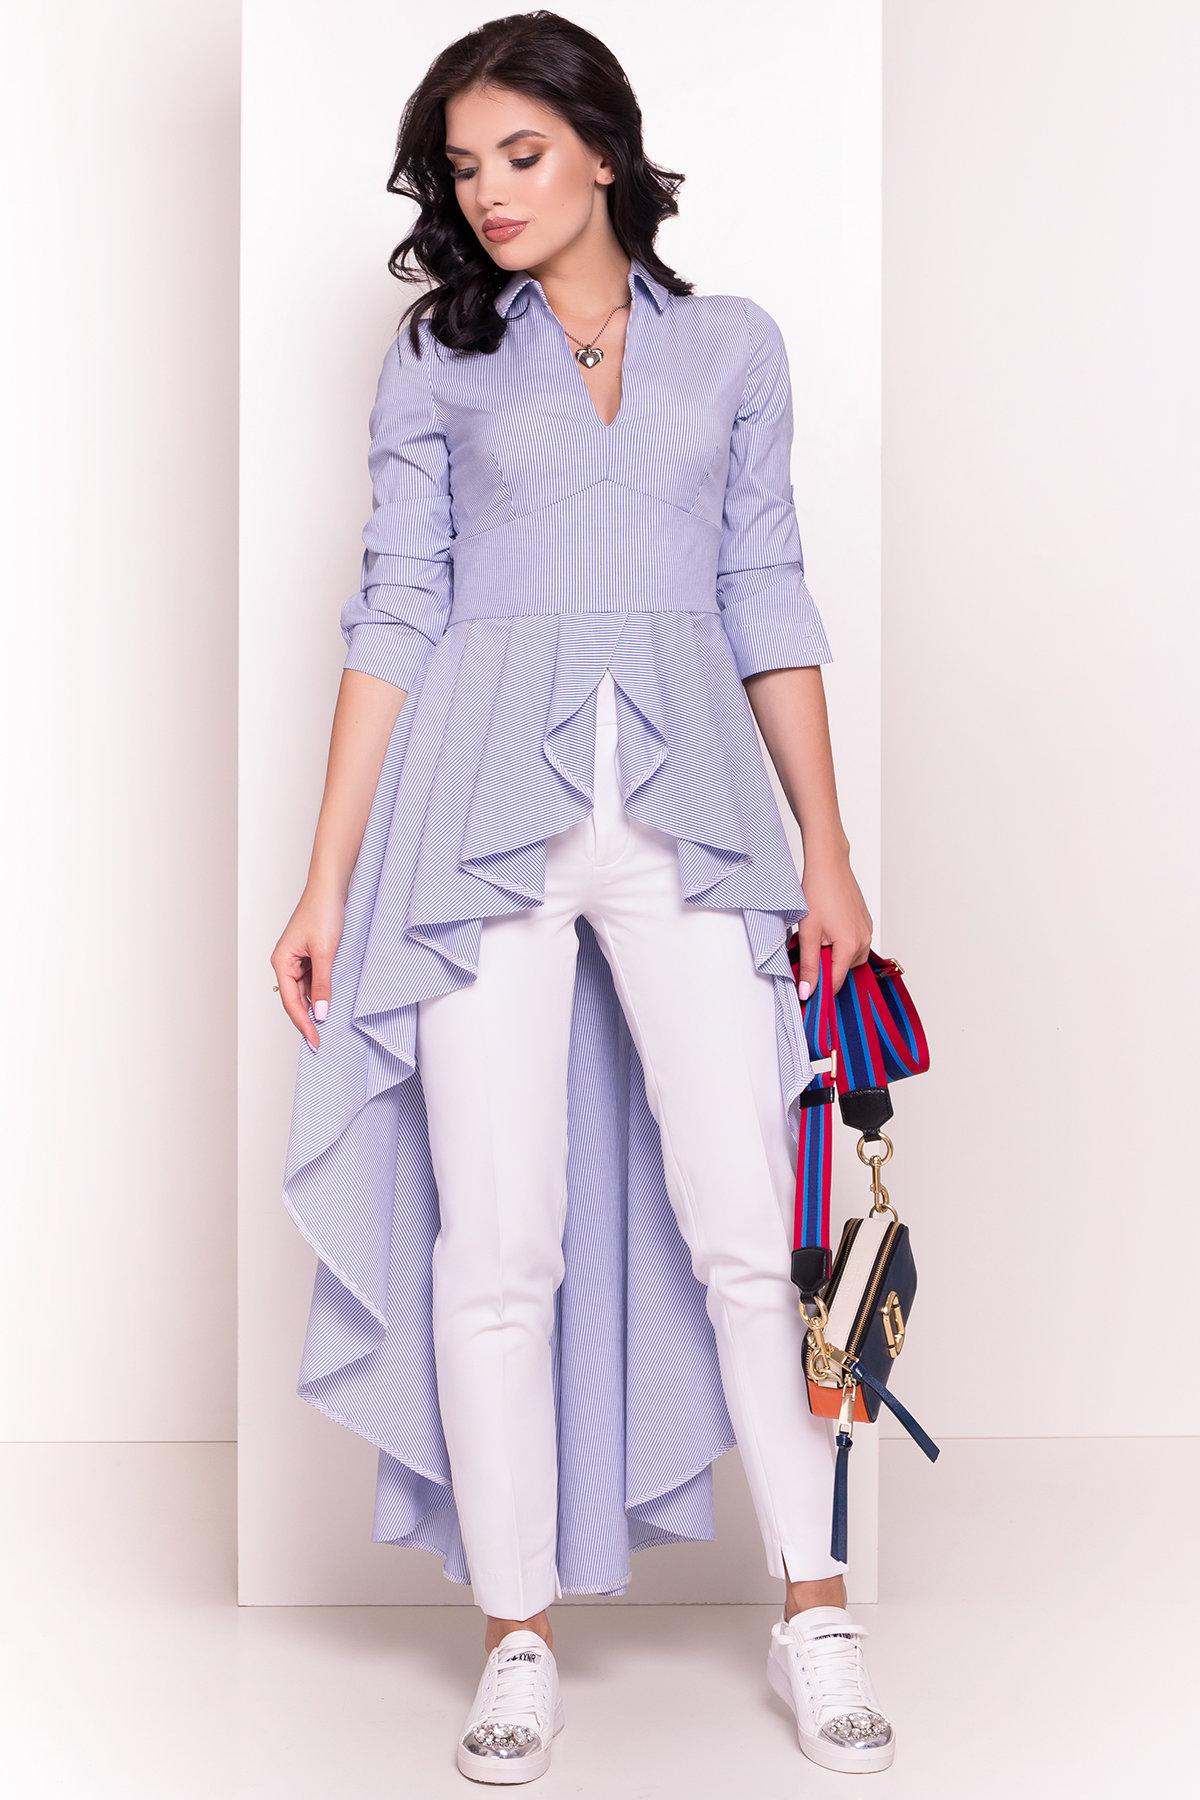 Платье-туника Феникс 5078 АРТ. 35630 Цвет: Темно-синий/белый - фото 1, интернет магазин tm-modus.ru